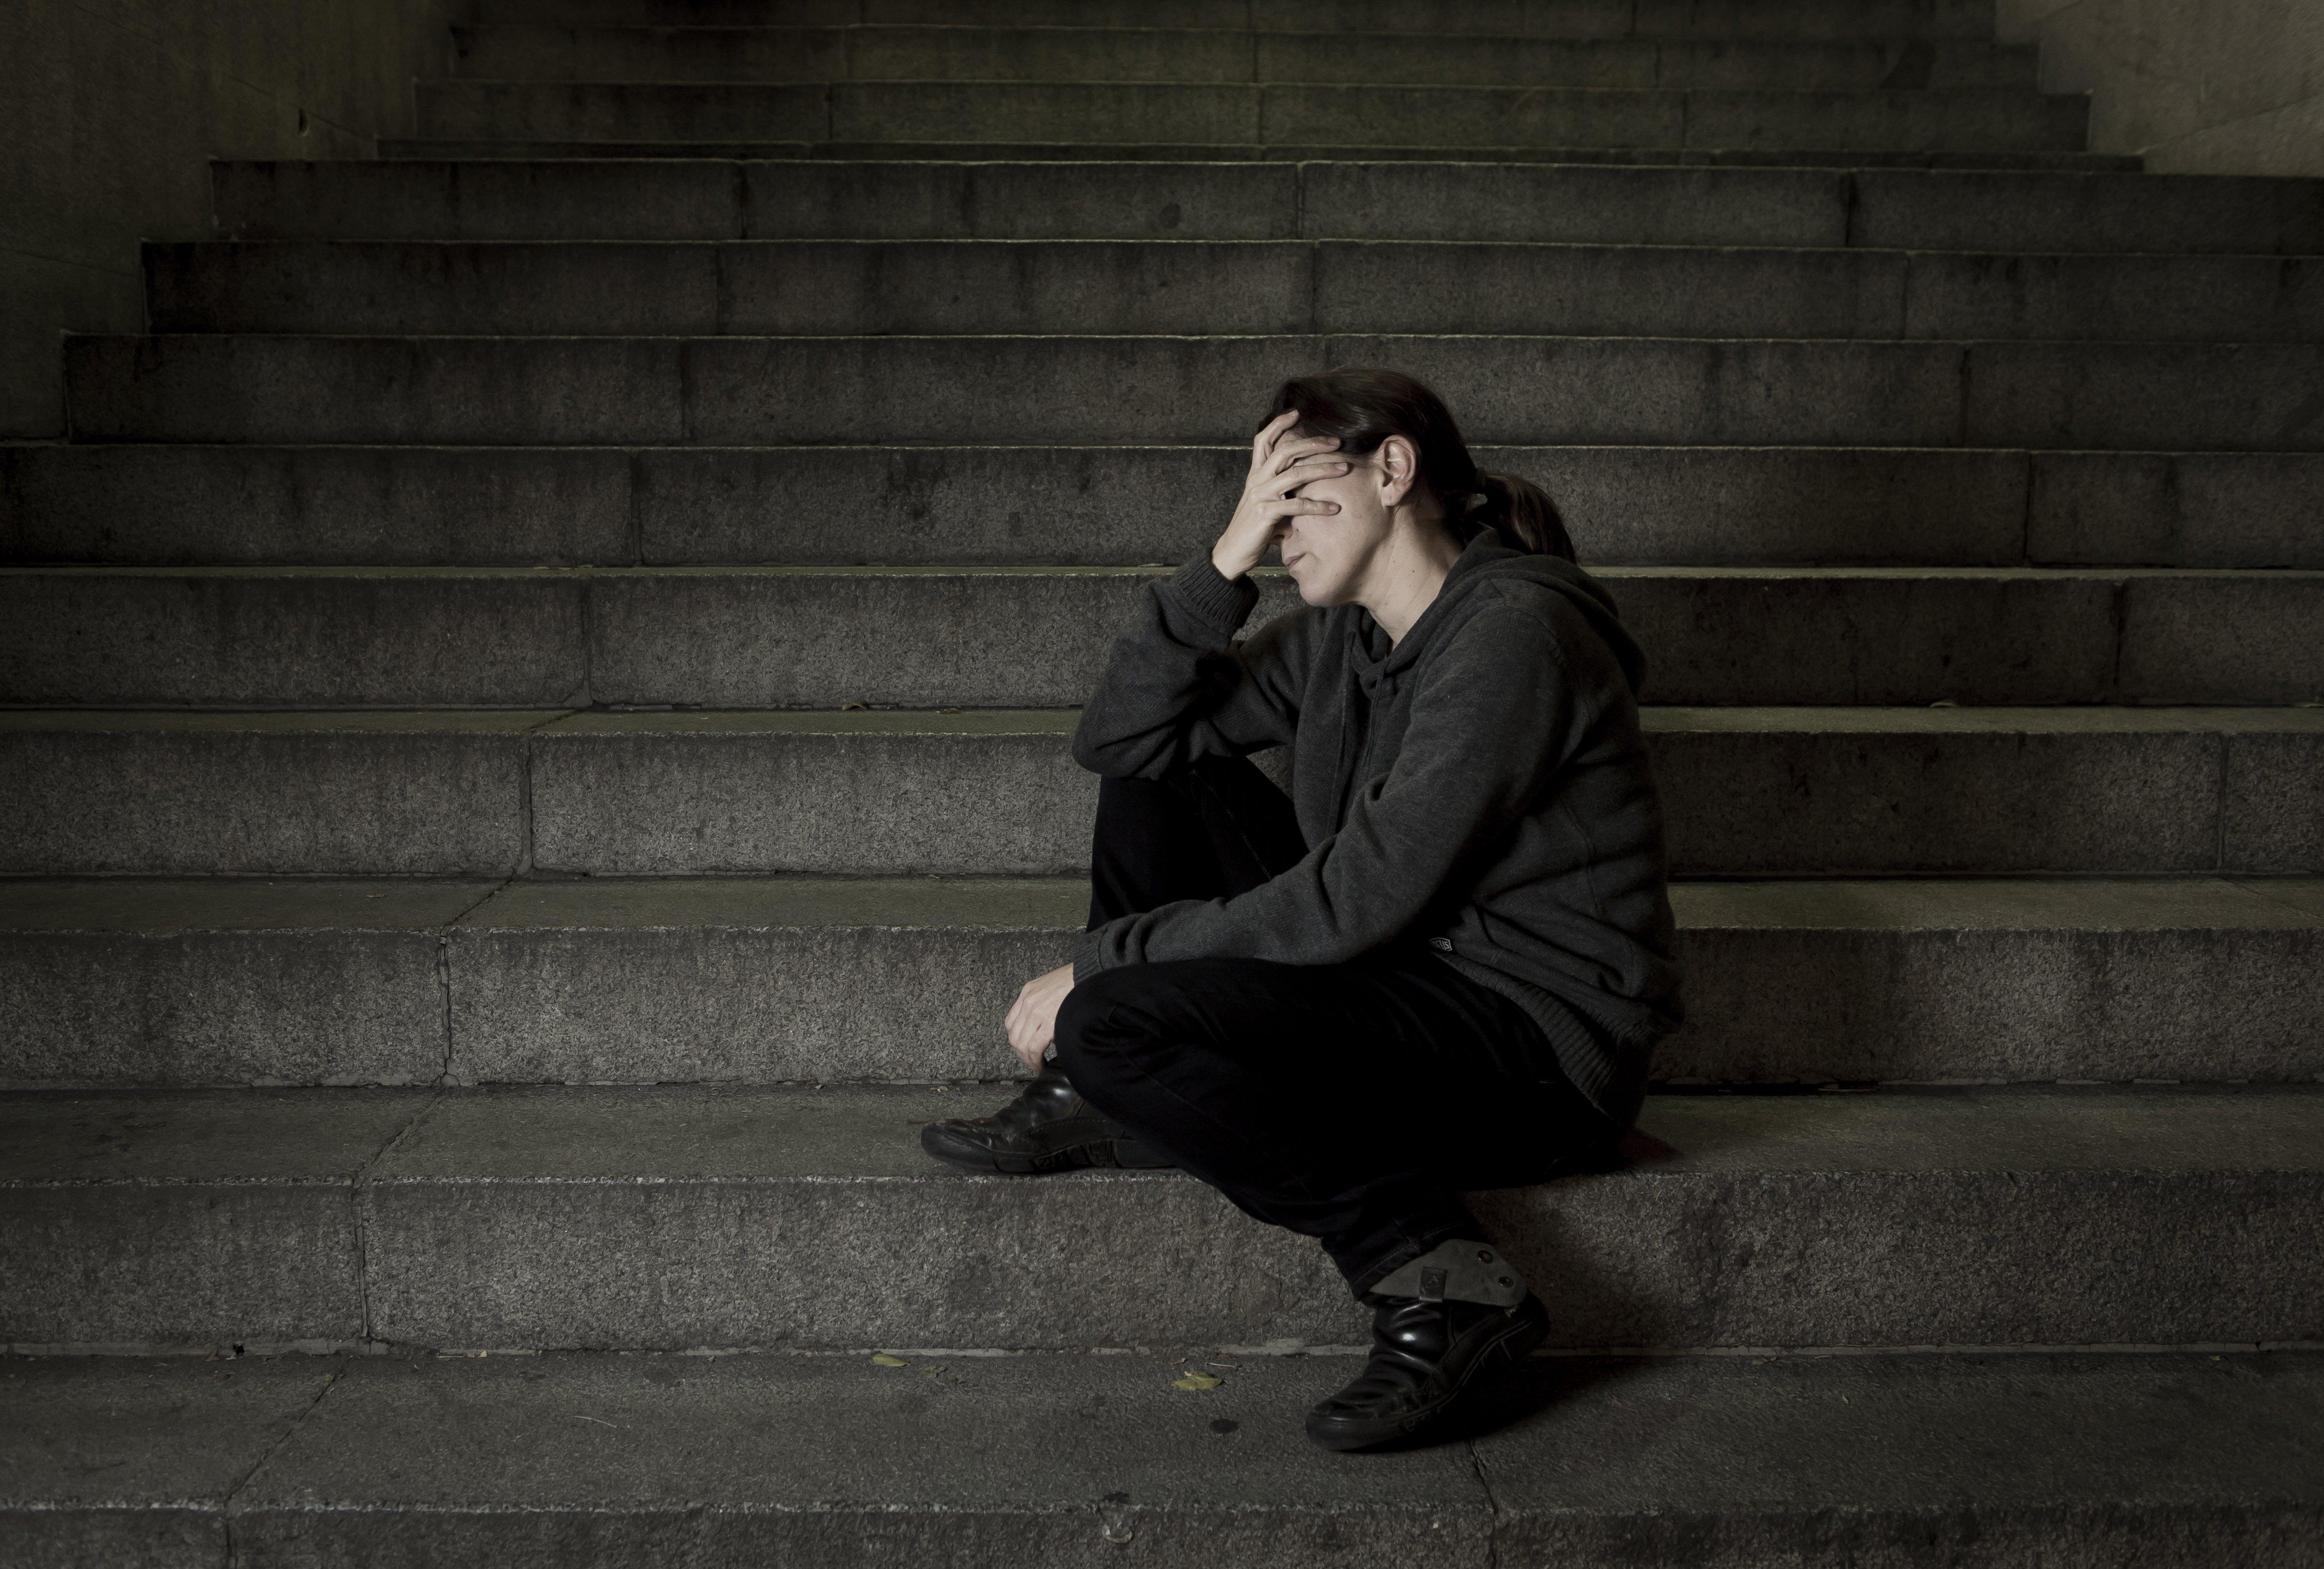 Une femme seule et triste dans l'escalier du métro de la rue | Photo : Shutterstock